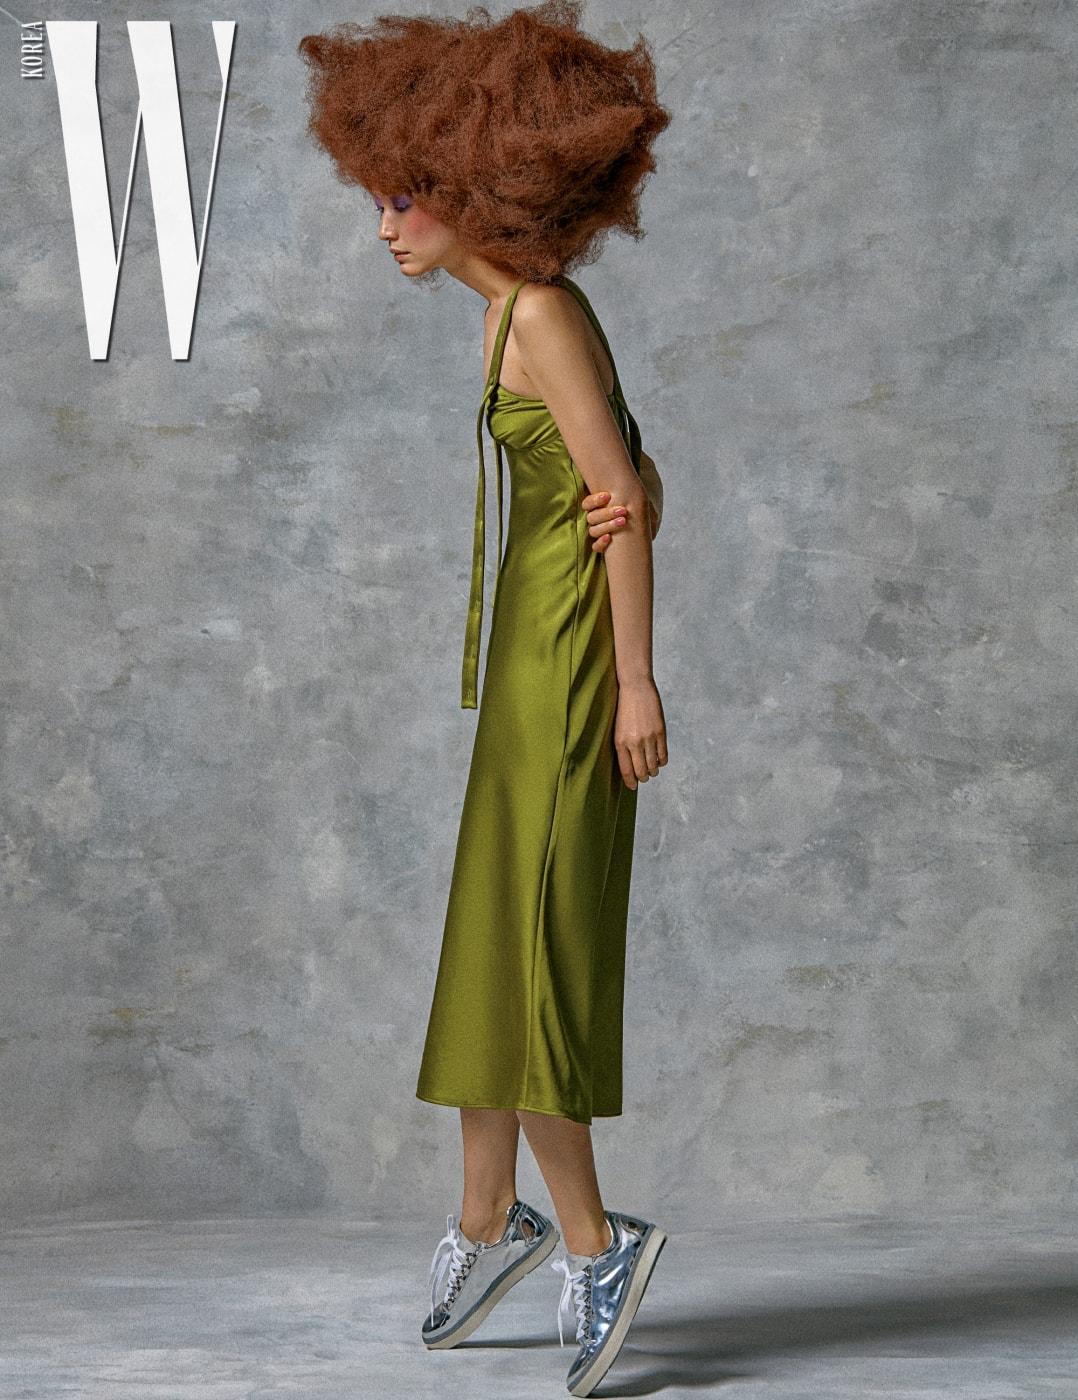 은색스니커즈는Stuart Weitzman 제품. 녹색슬립드레스는Off-White by MyBoon 제품.